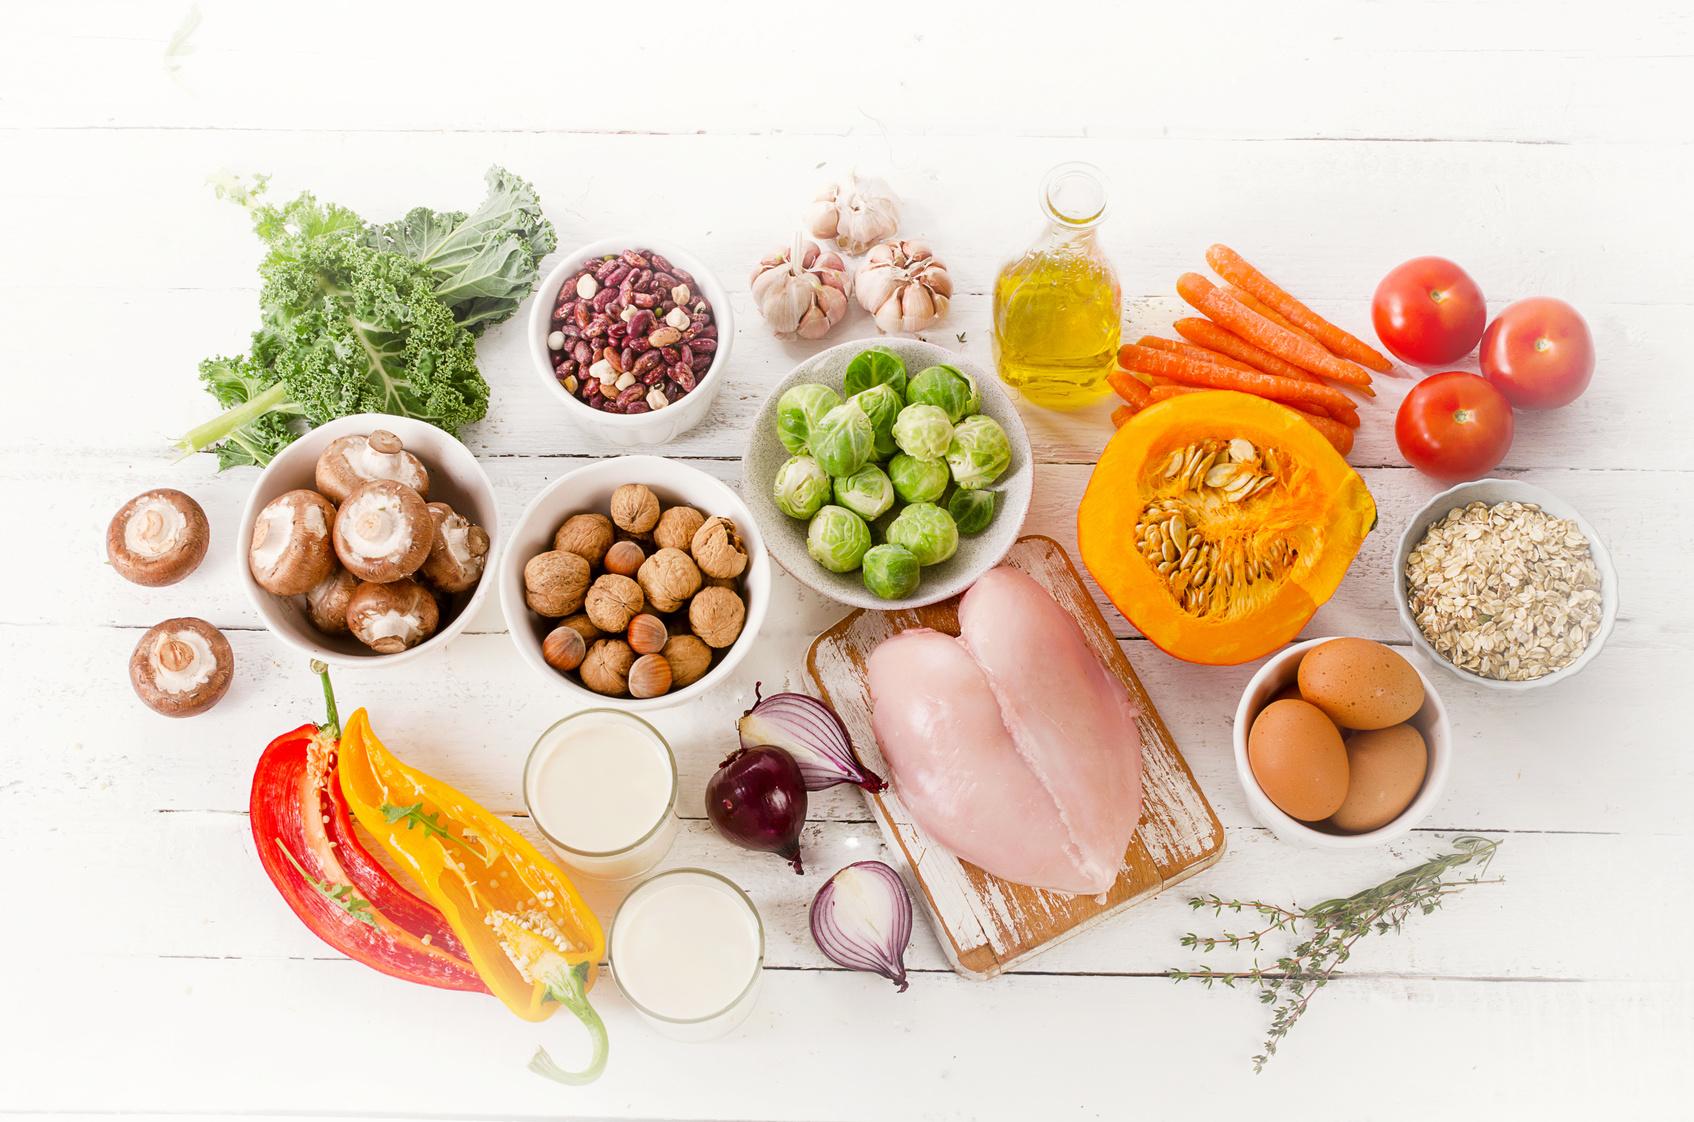 Диета Рационального Питания Для Похудения. 5 готовых вариантов меню на неделю для похудения и диеты